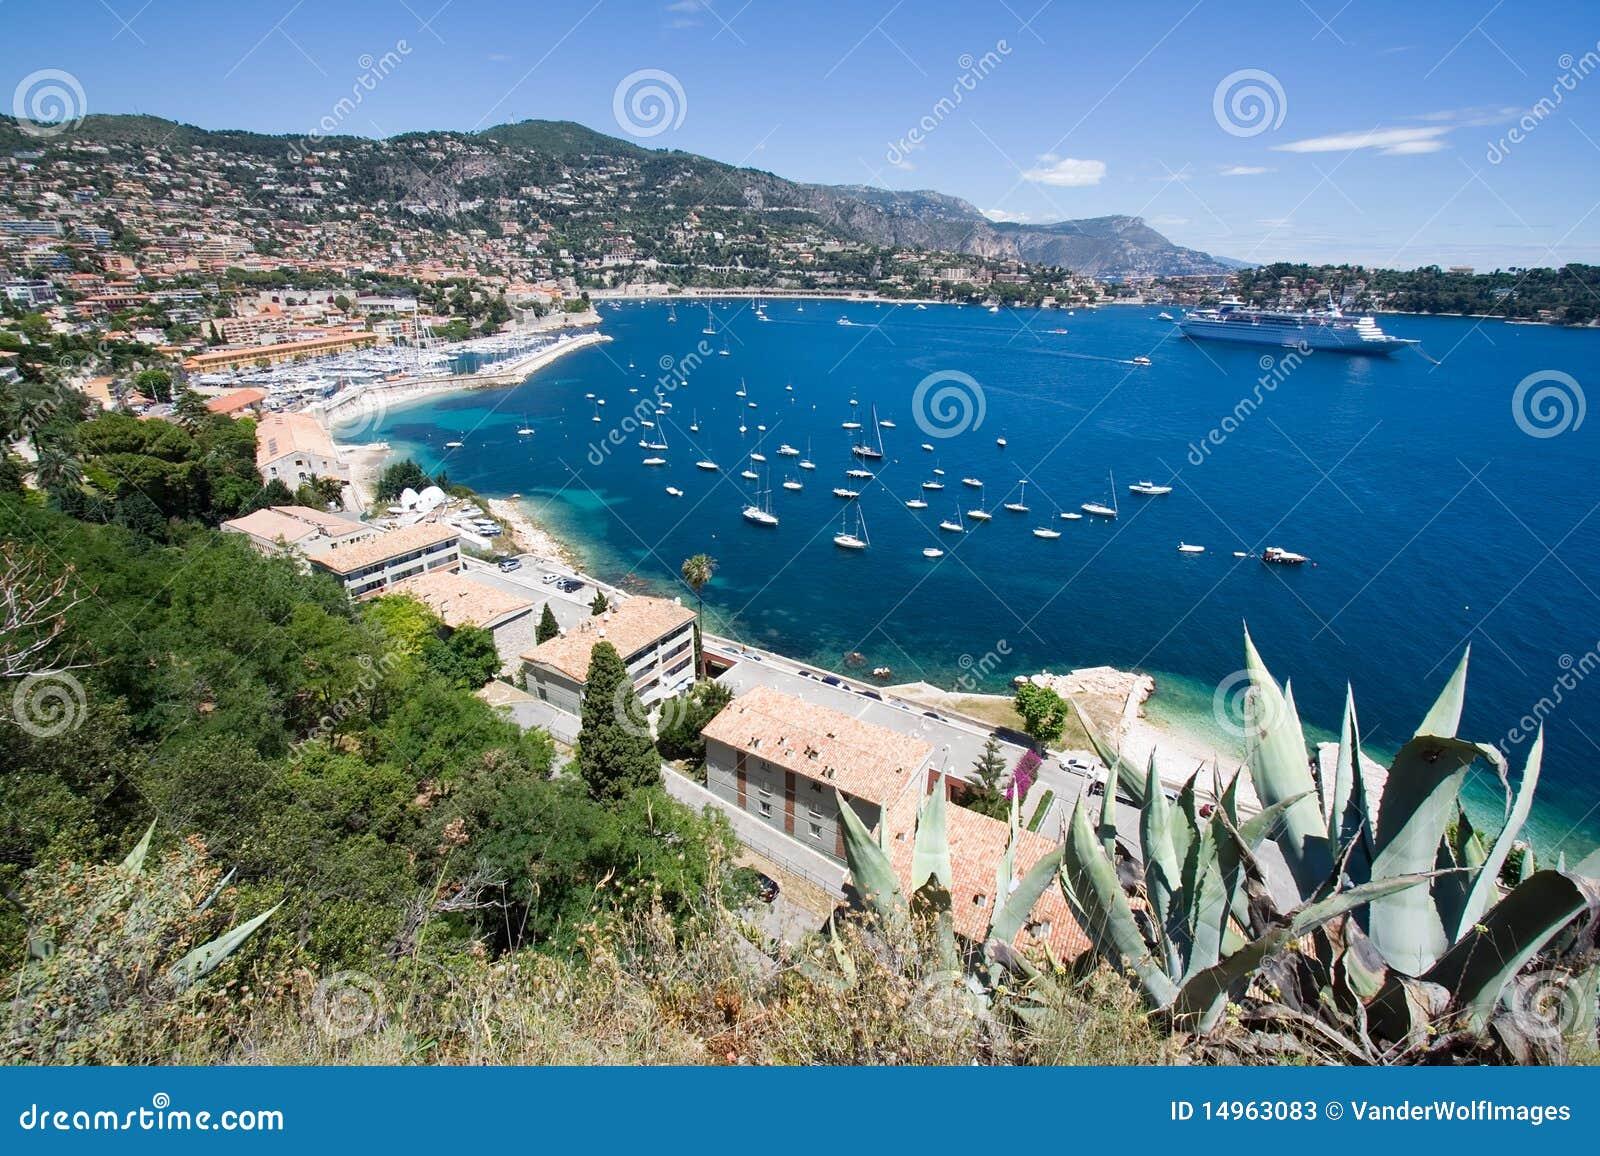 France turism